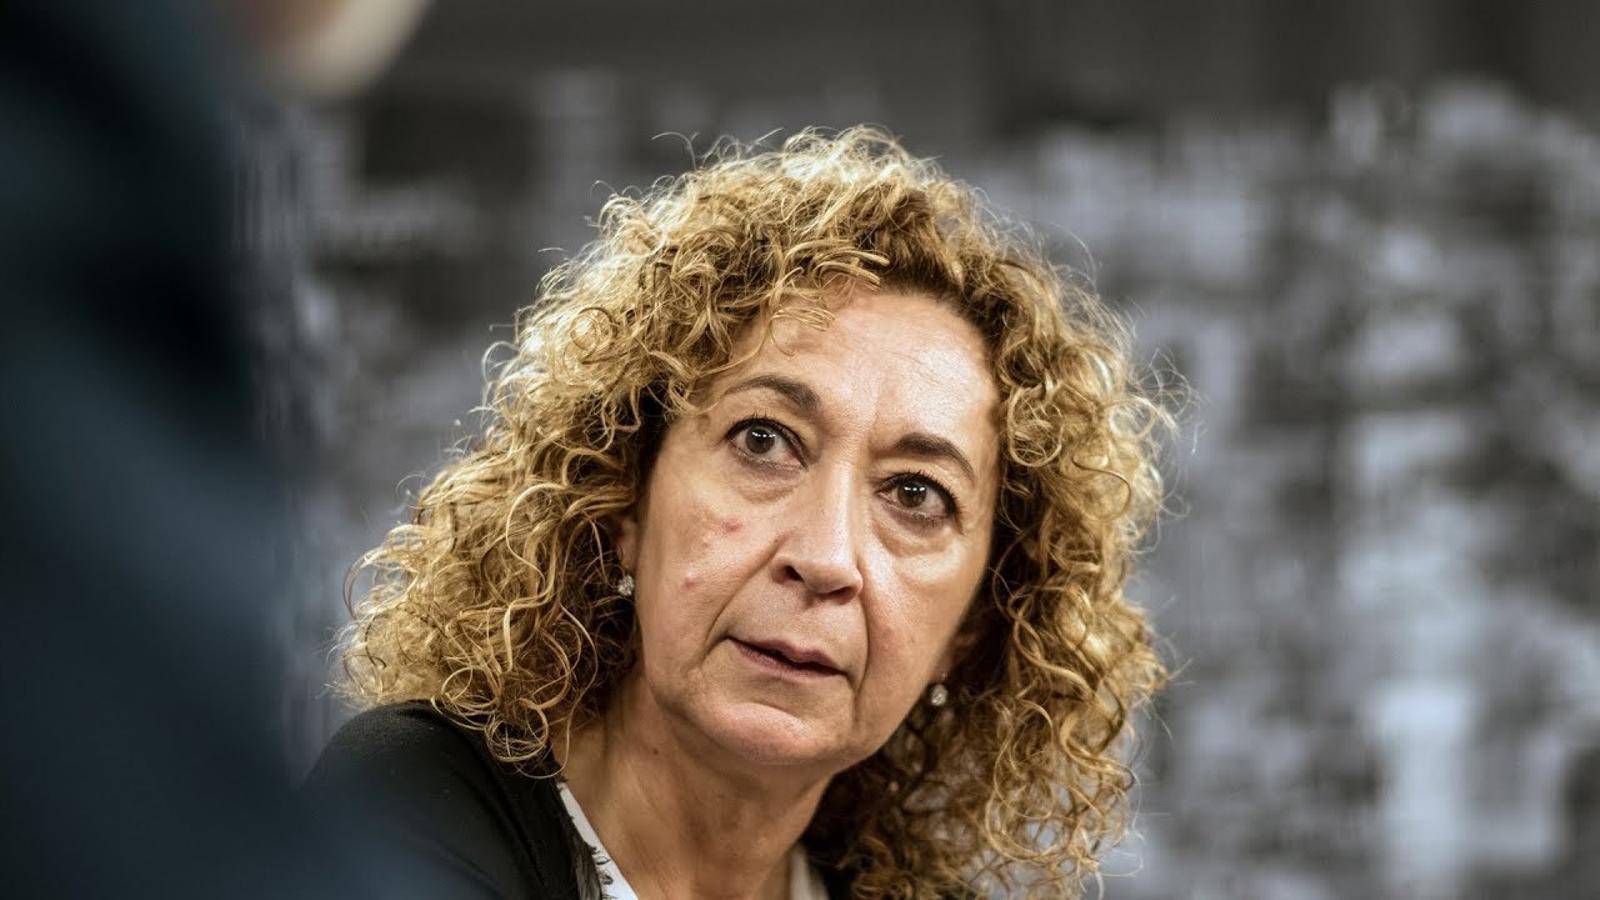 Entrevista d'Antoni Bassas a Ester Capella